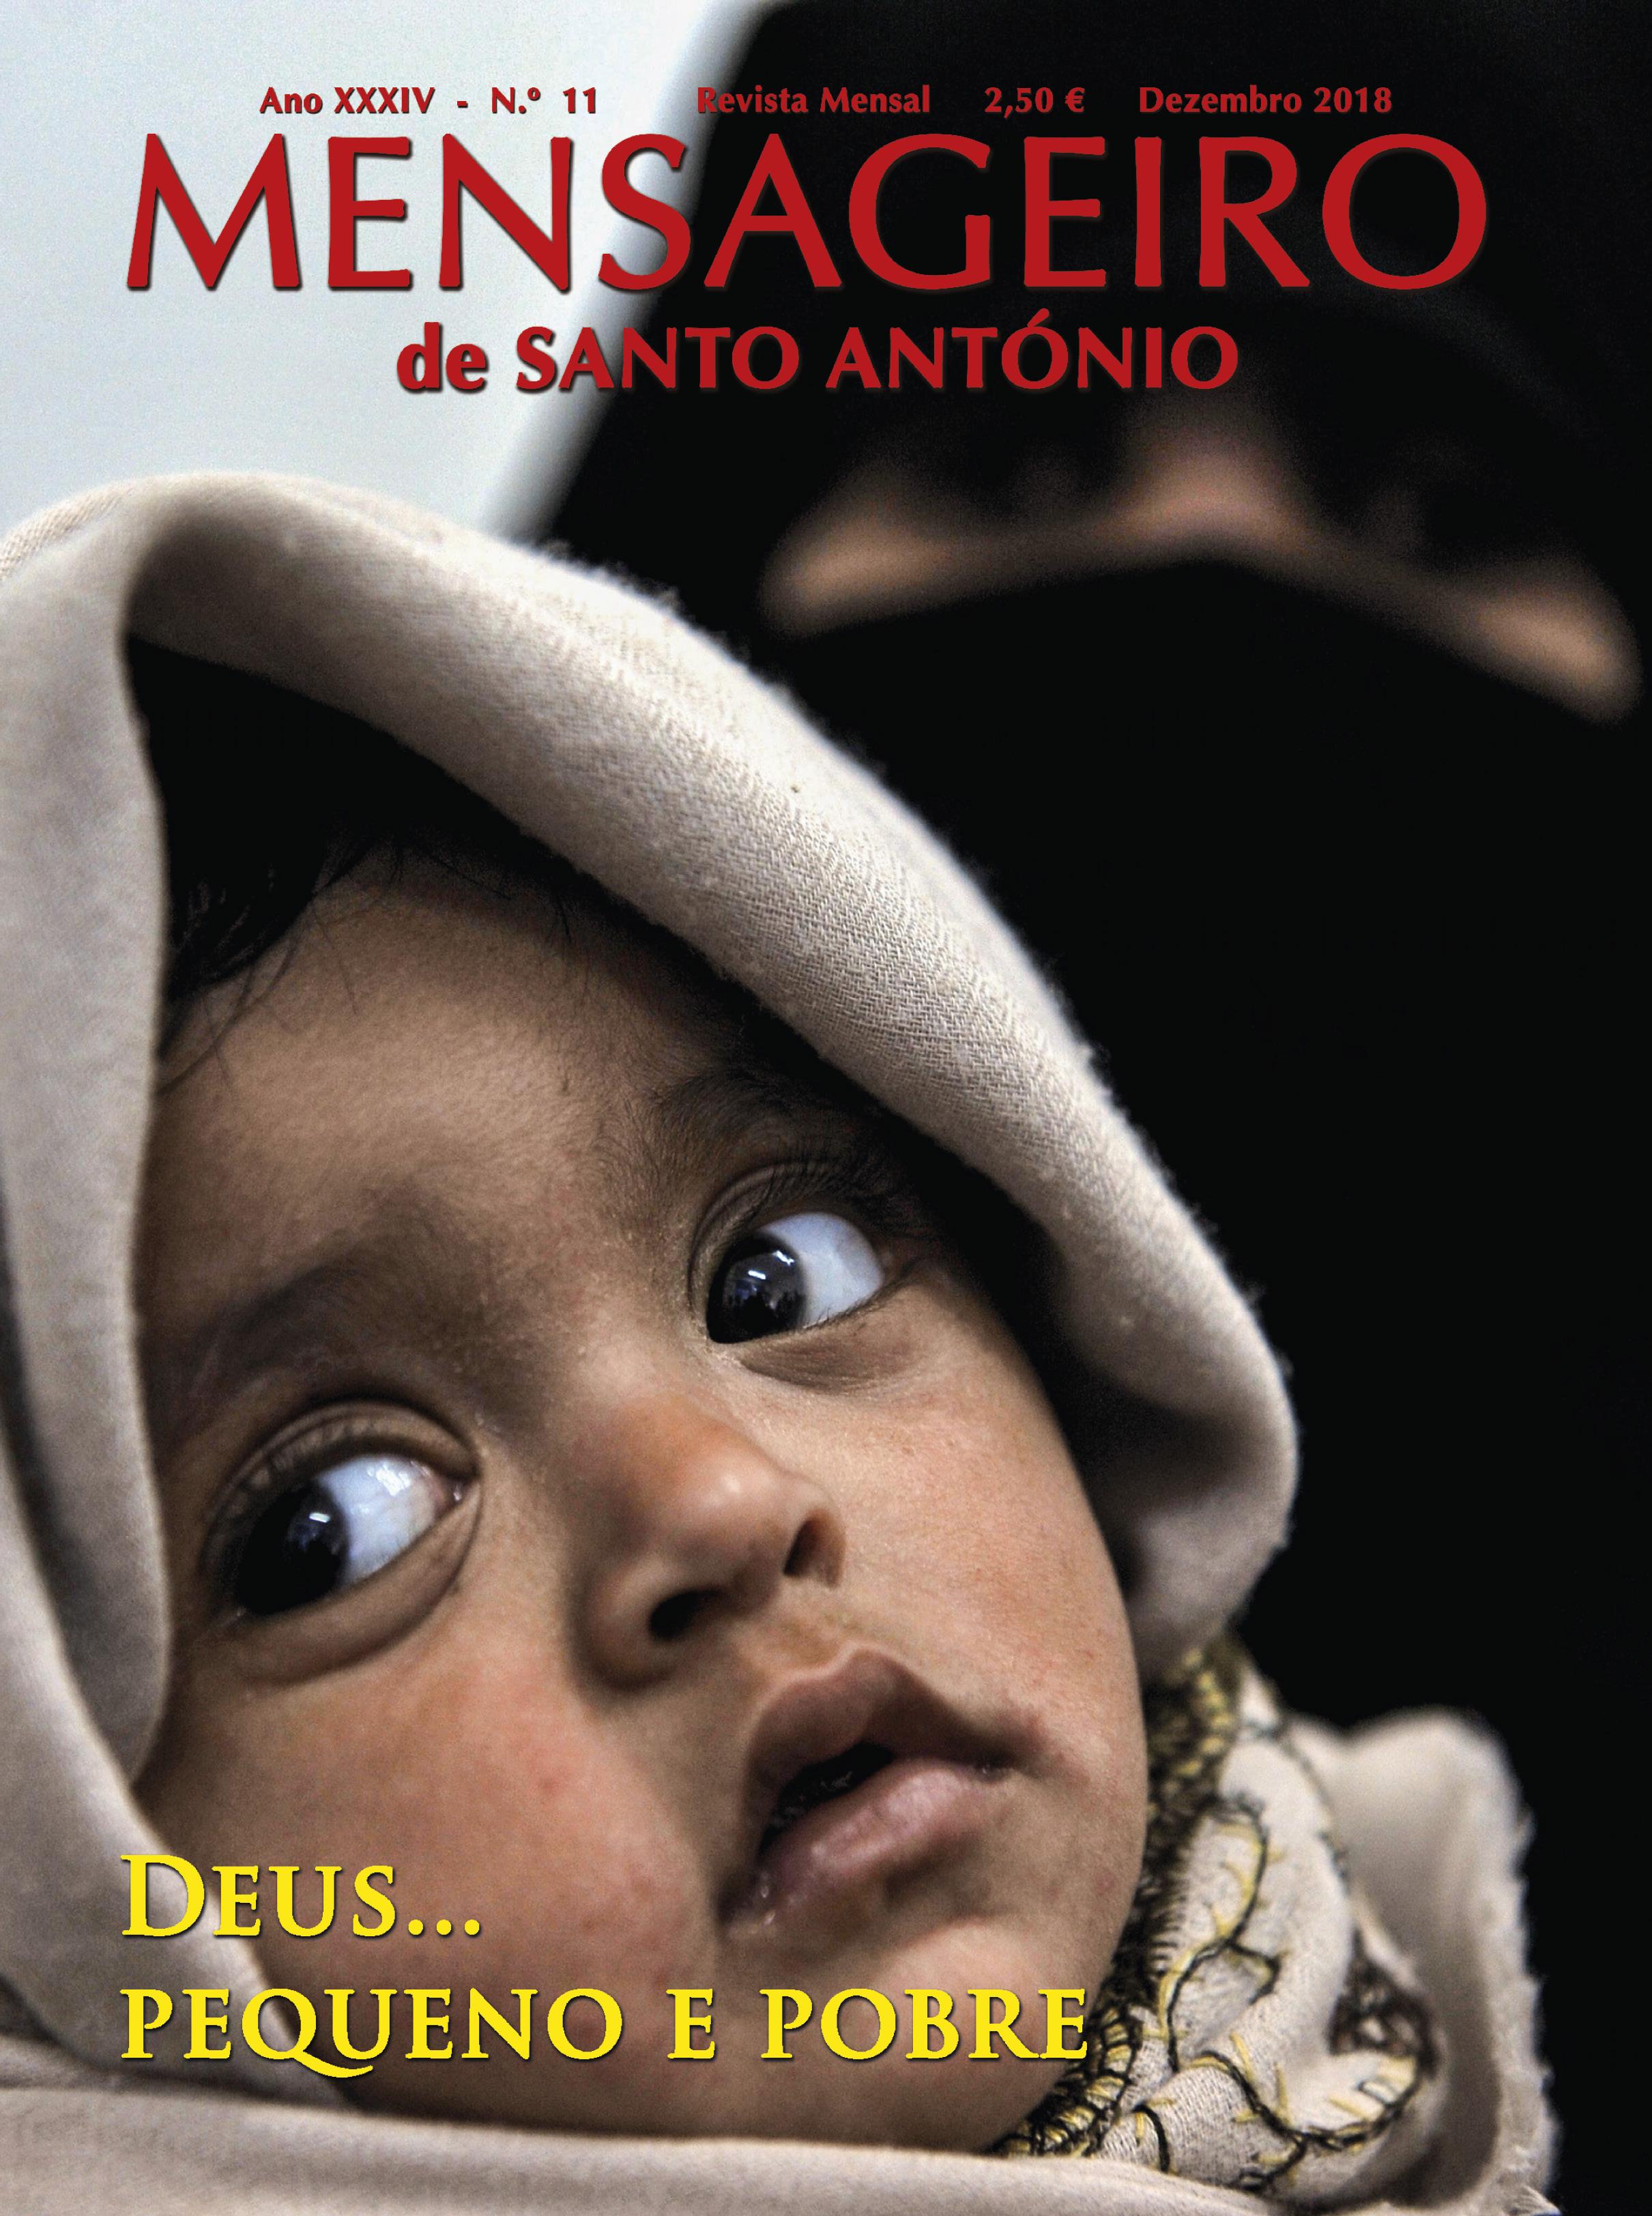 """Capa da revista """"Mensageiro de Santo António"""", edição de dezembro de 2018."""